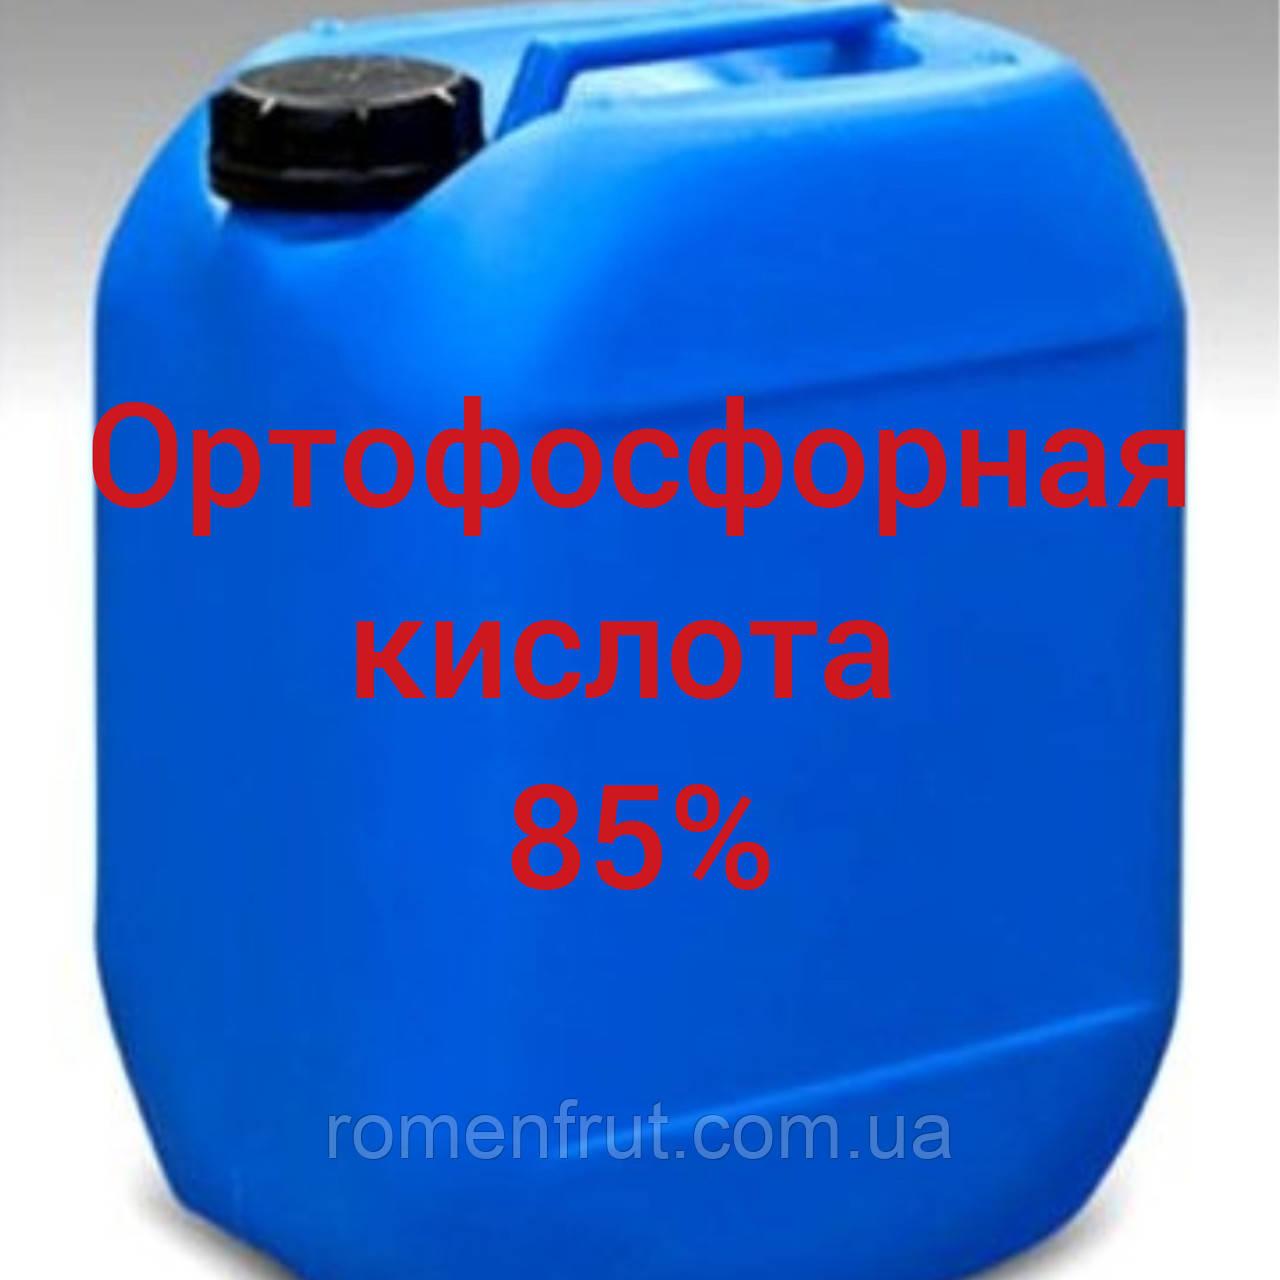 Ортофосфорная кислота пищевая 85%